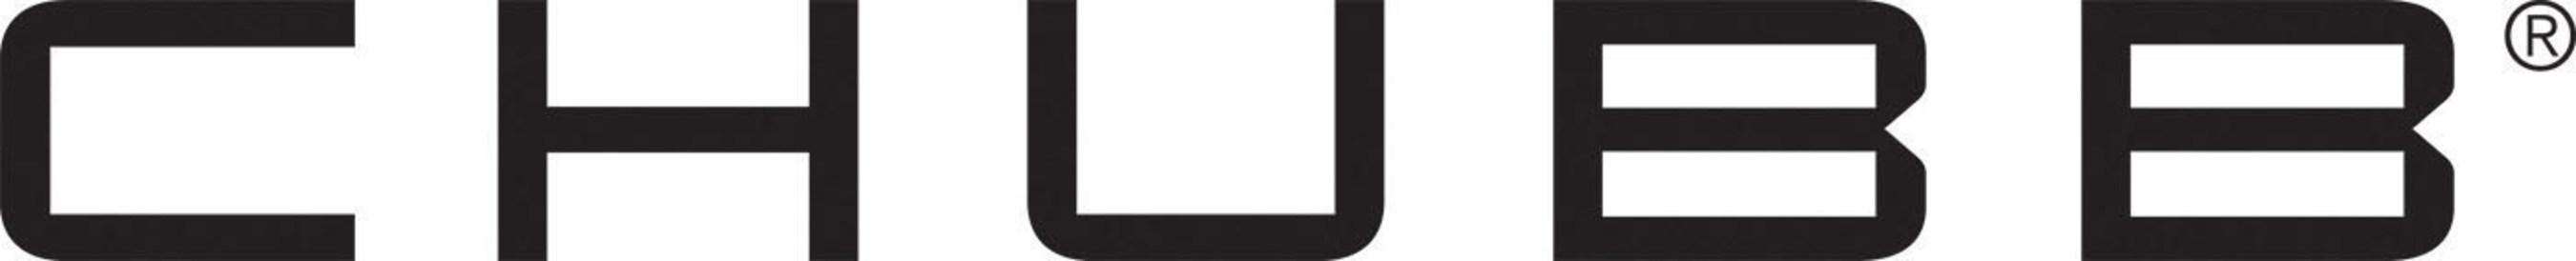 Chubb startet neue Partnerschaft mit Crawford & Company zur Behandlung von Schadensfällen im